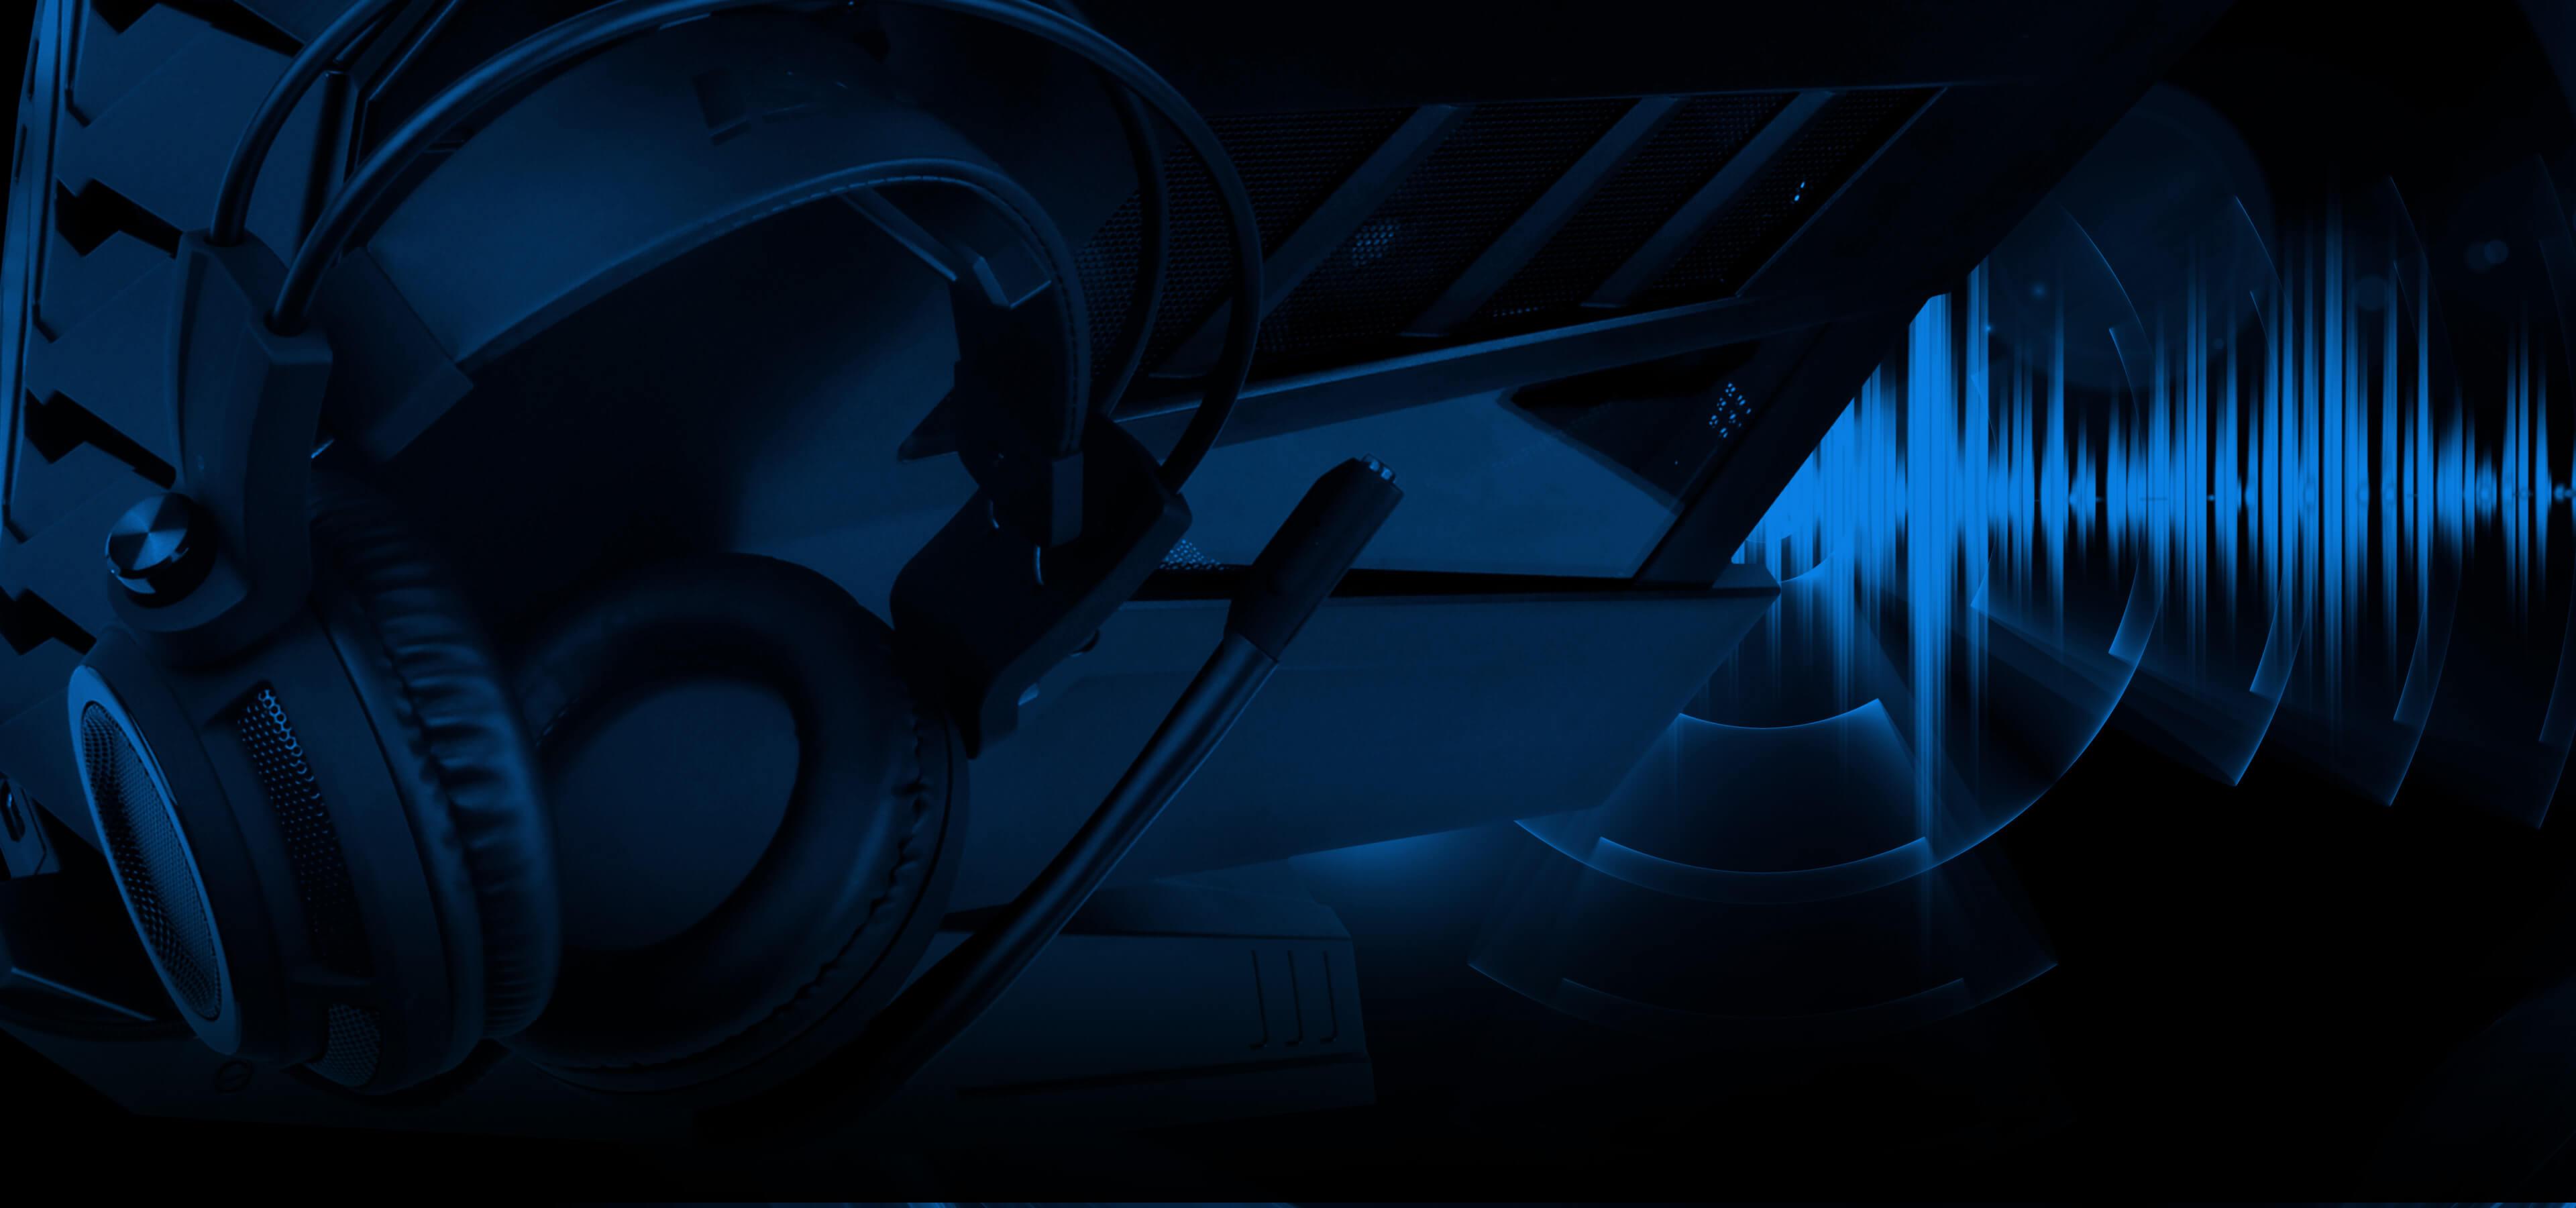 Infinite X | Desktop - The most versatile consumer pc | MSI